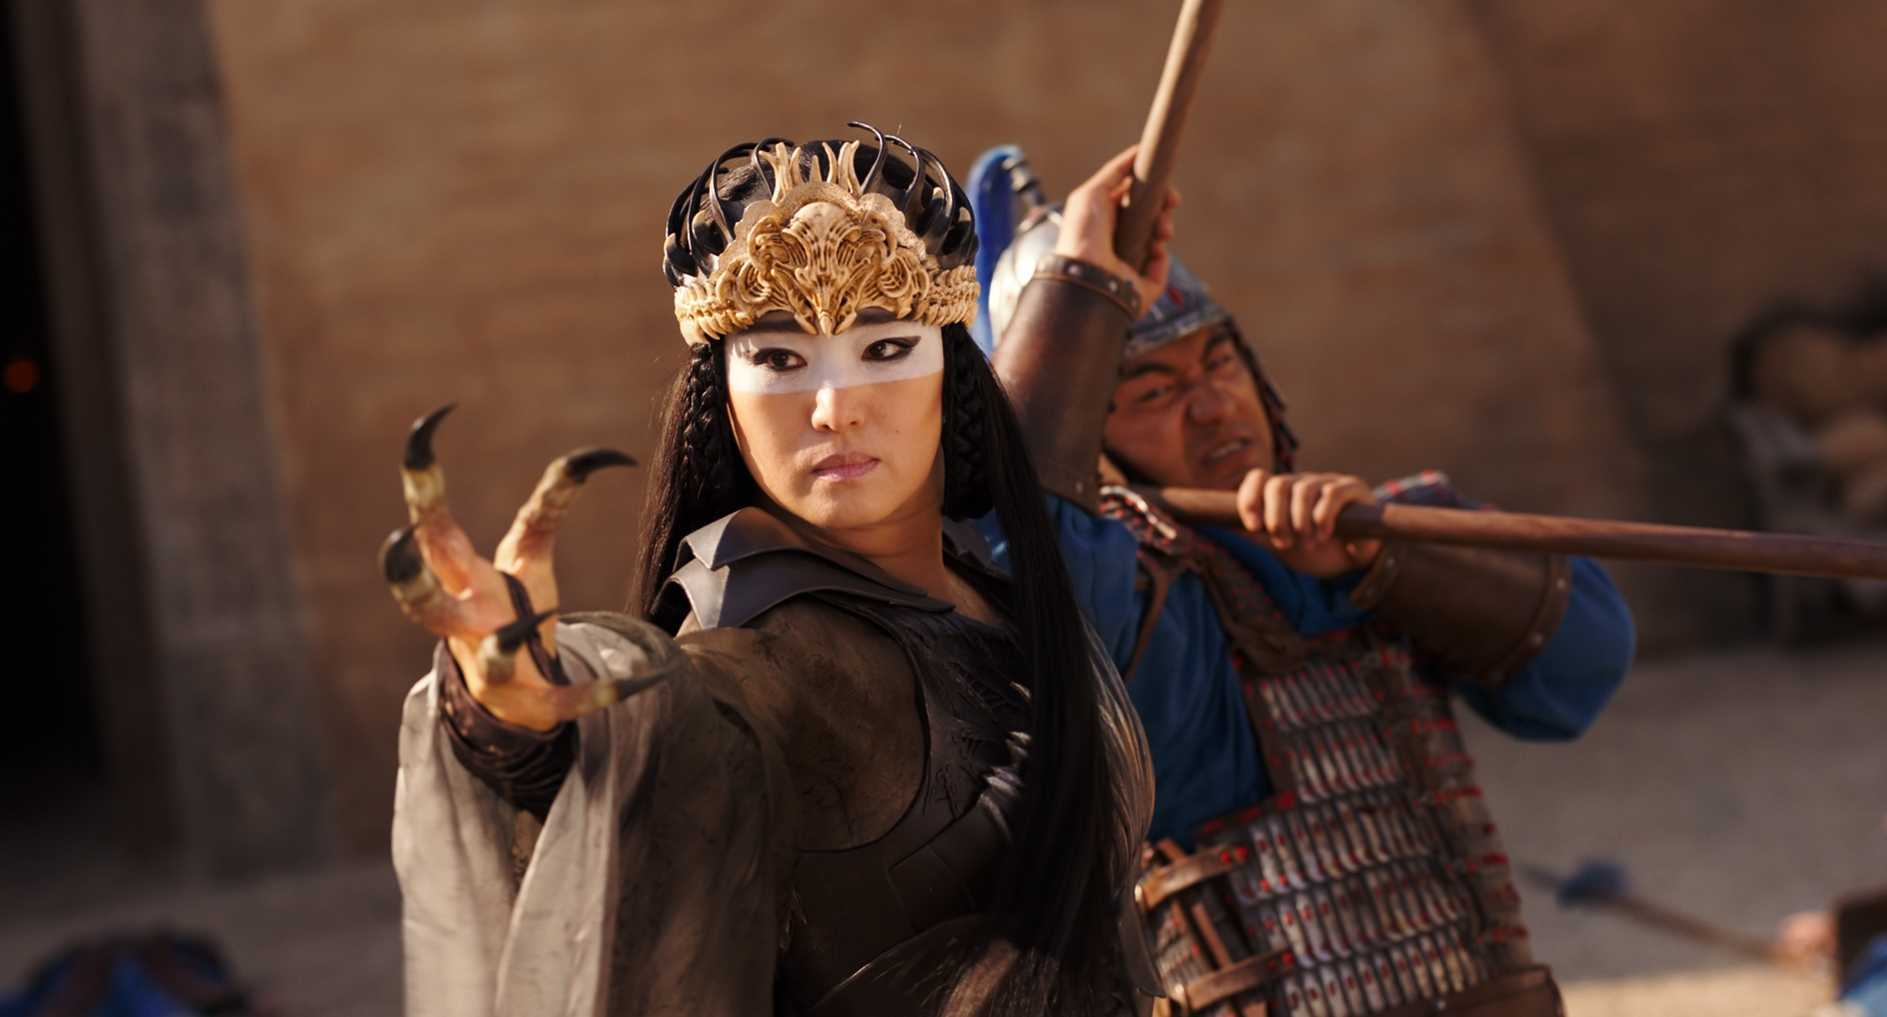 Gong Li as the sorceress Xiannlang in Mulan (2020)